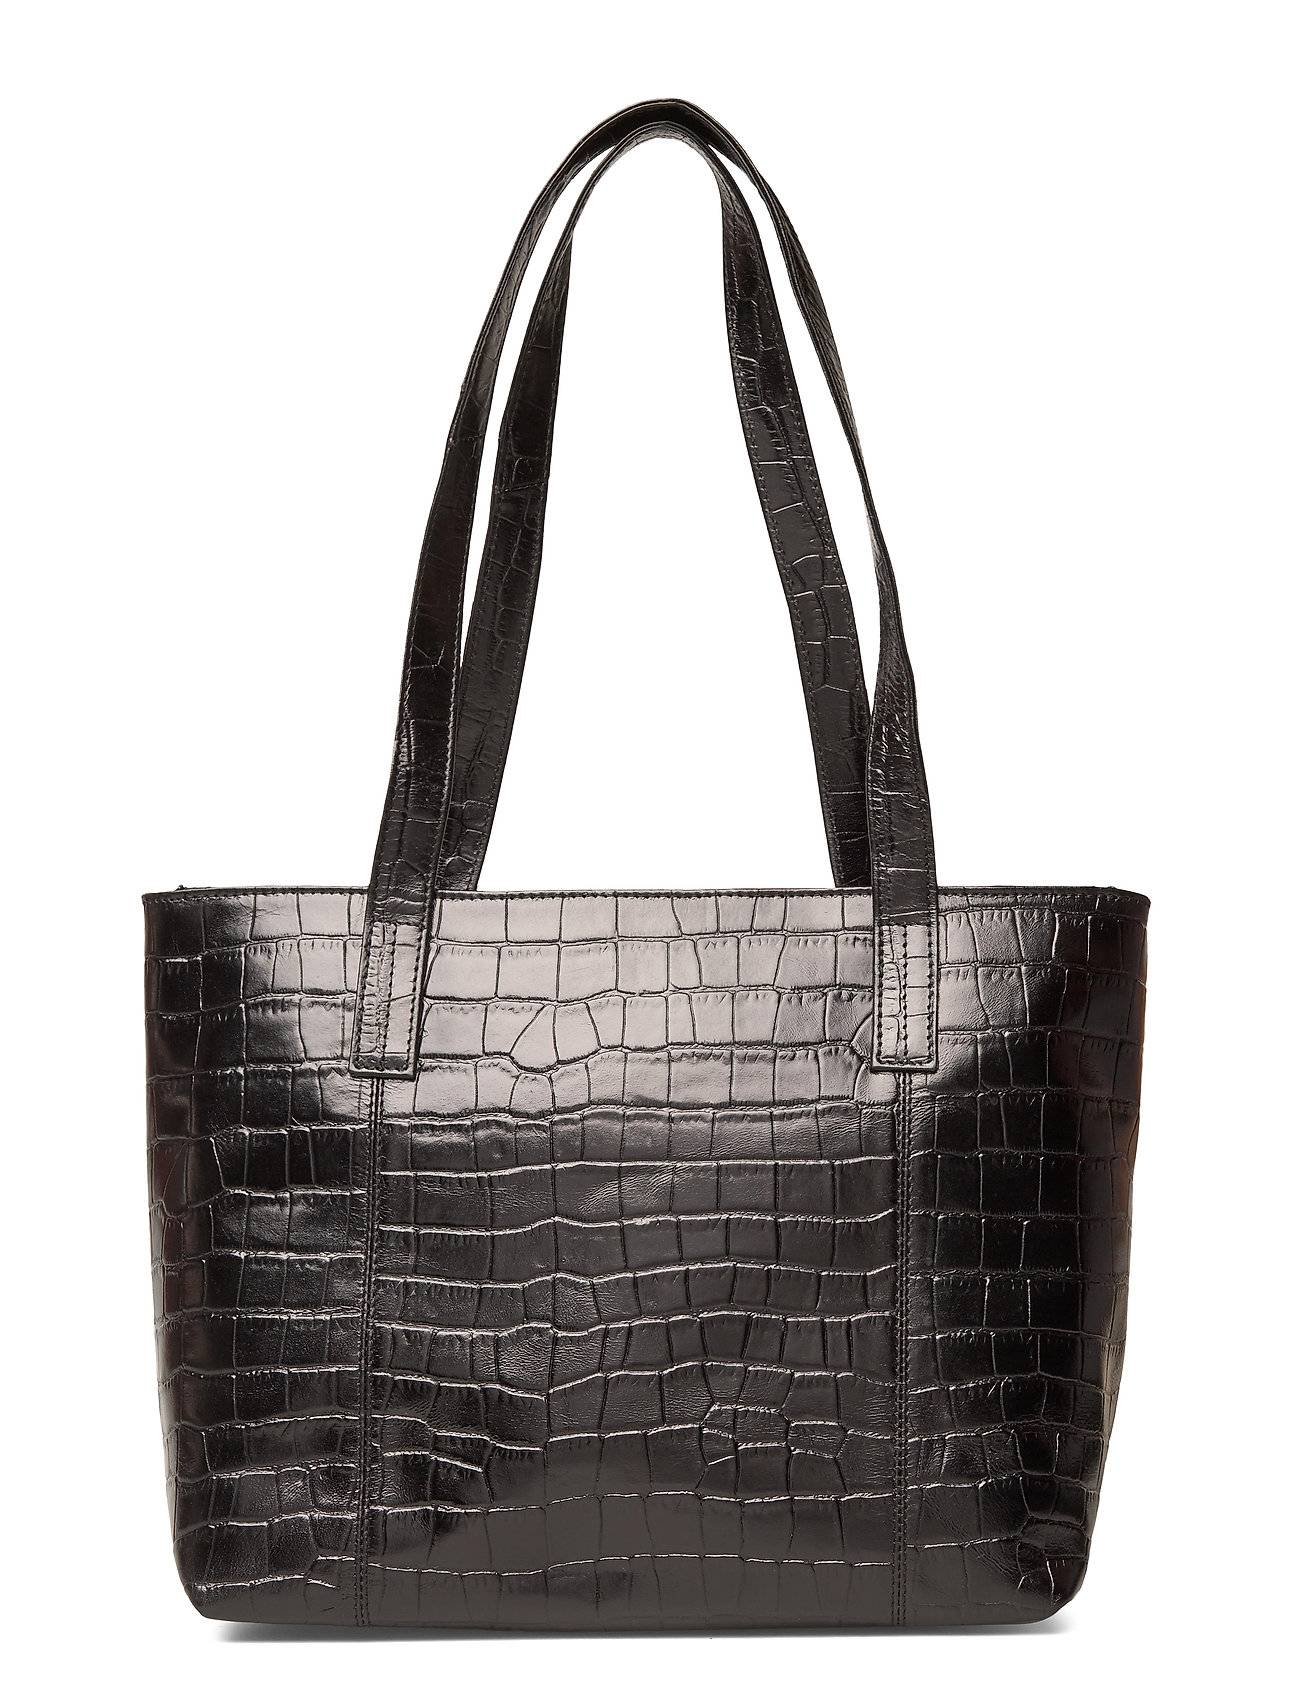 Adax Teramo Shopper Terese Bags Shoppers Fashion Shoppers Musta Adax